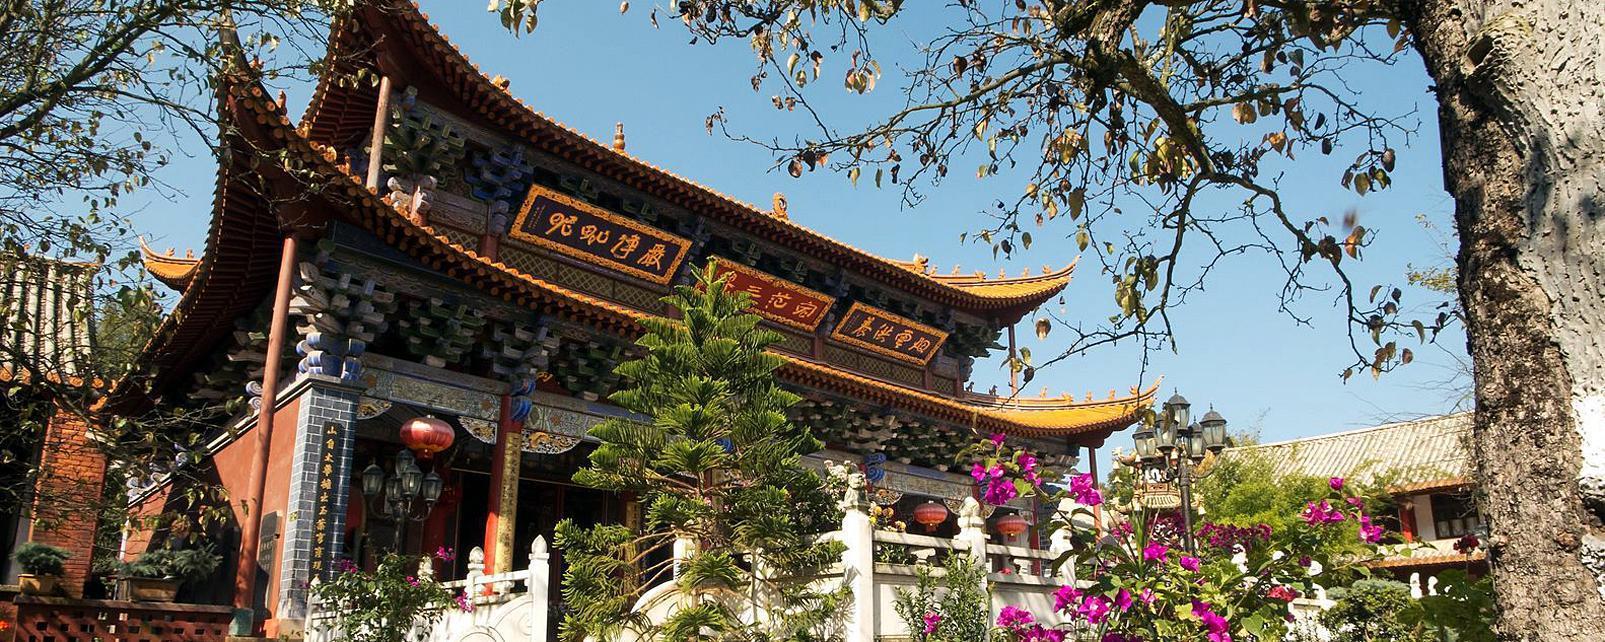 Asie; Chine; Les provinces de l'Ouest; Kunming;